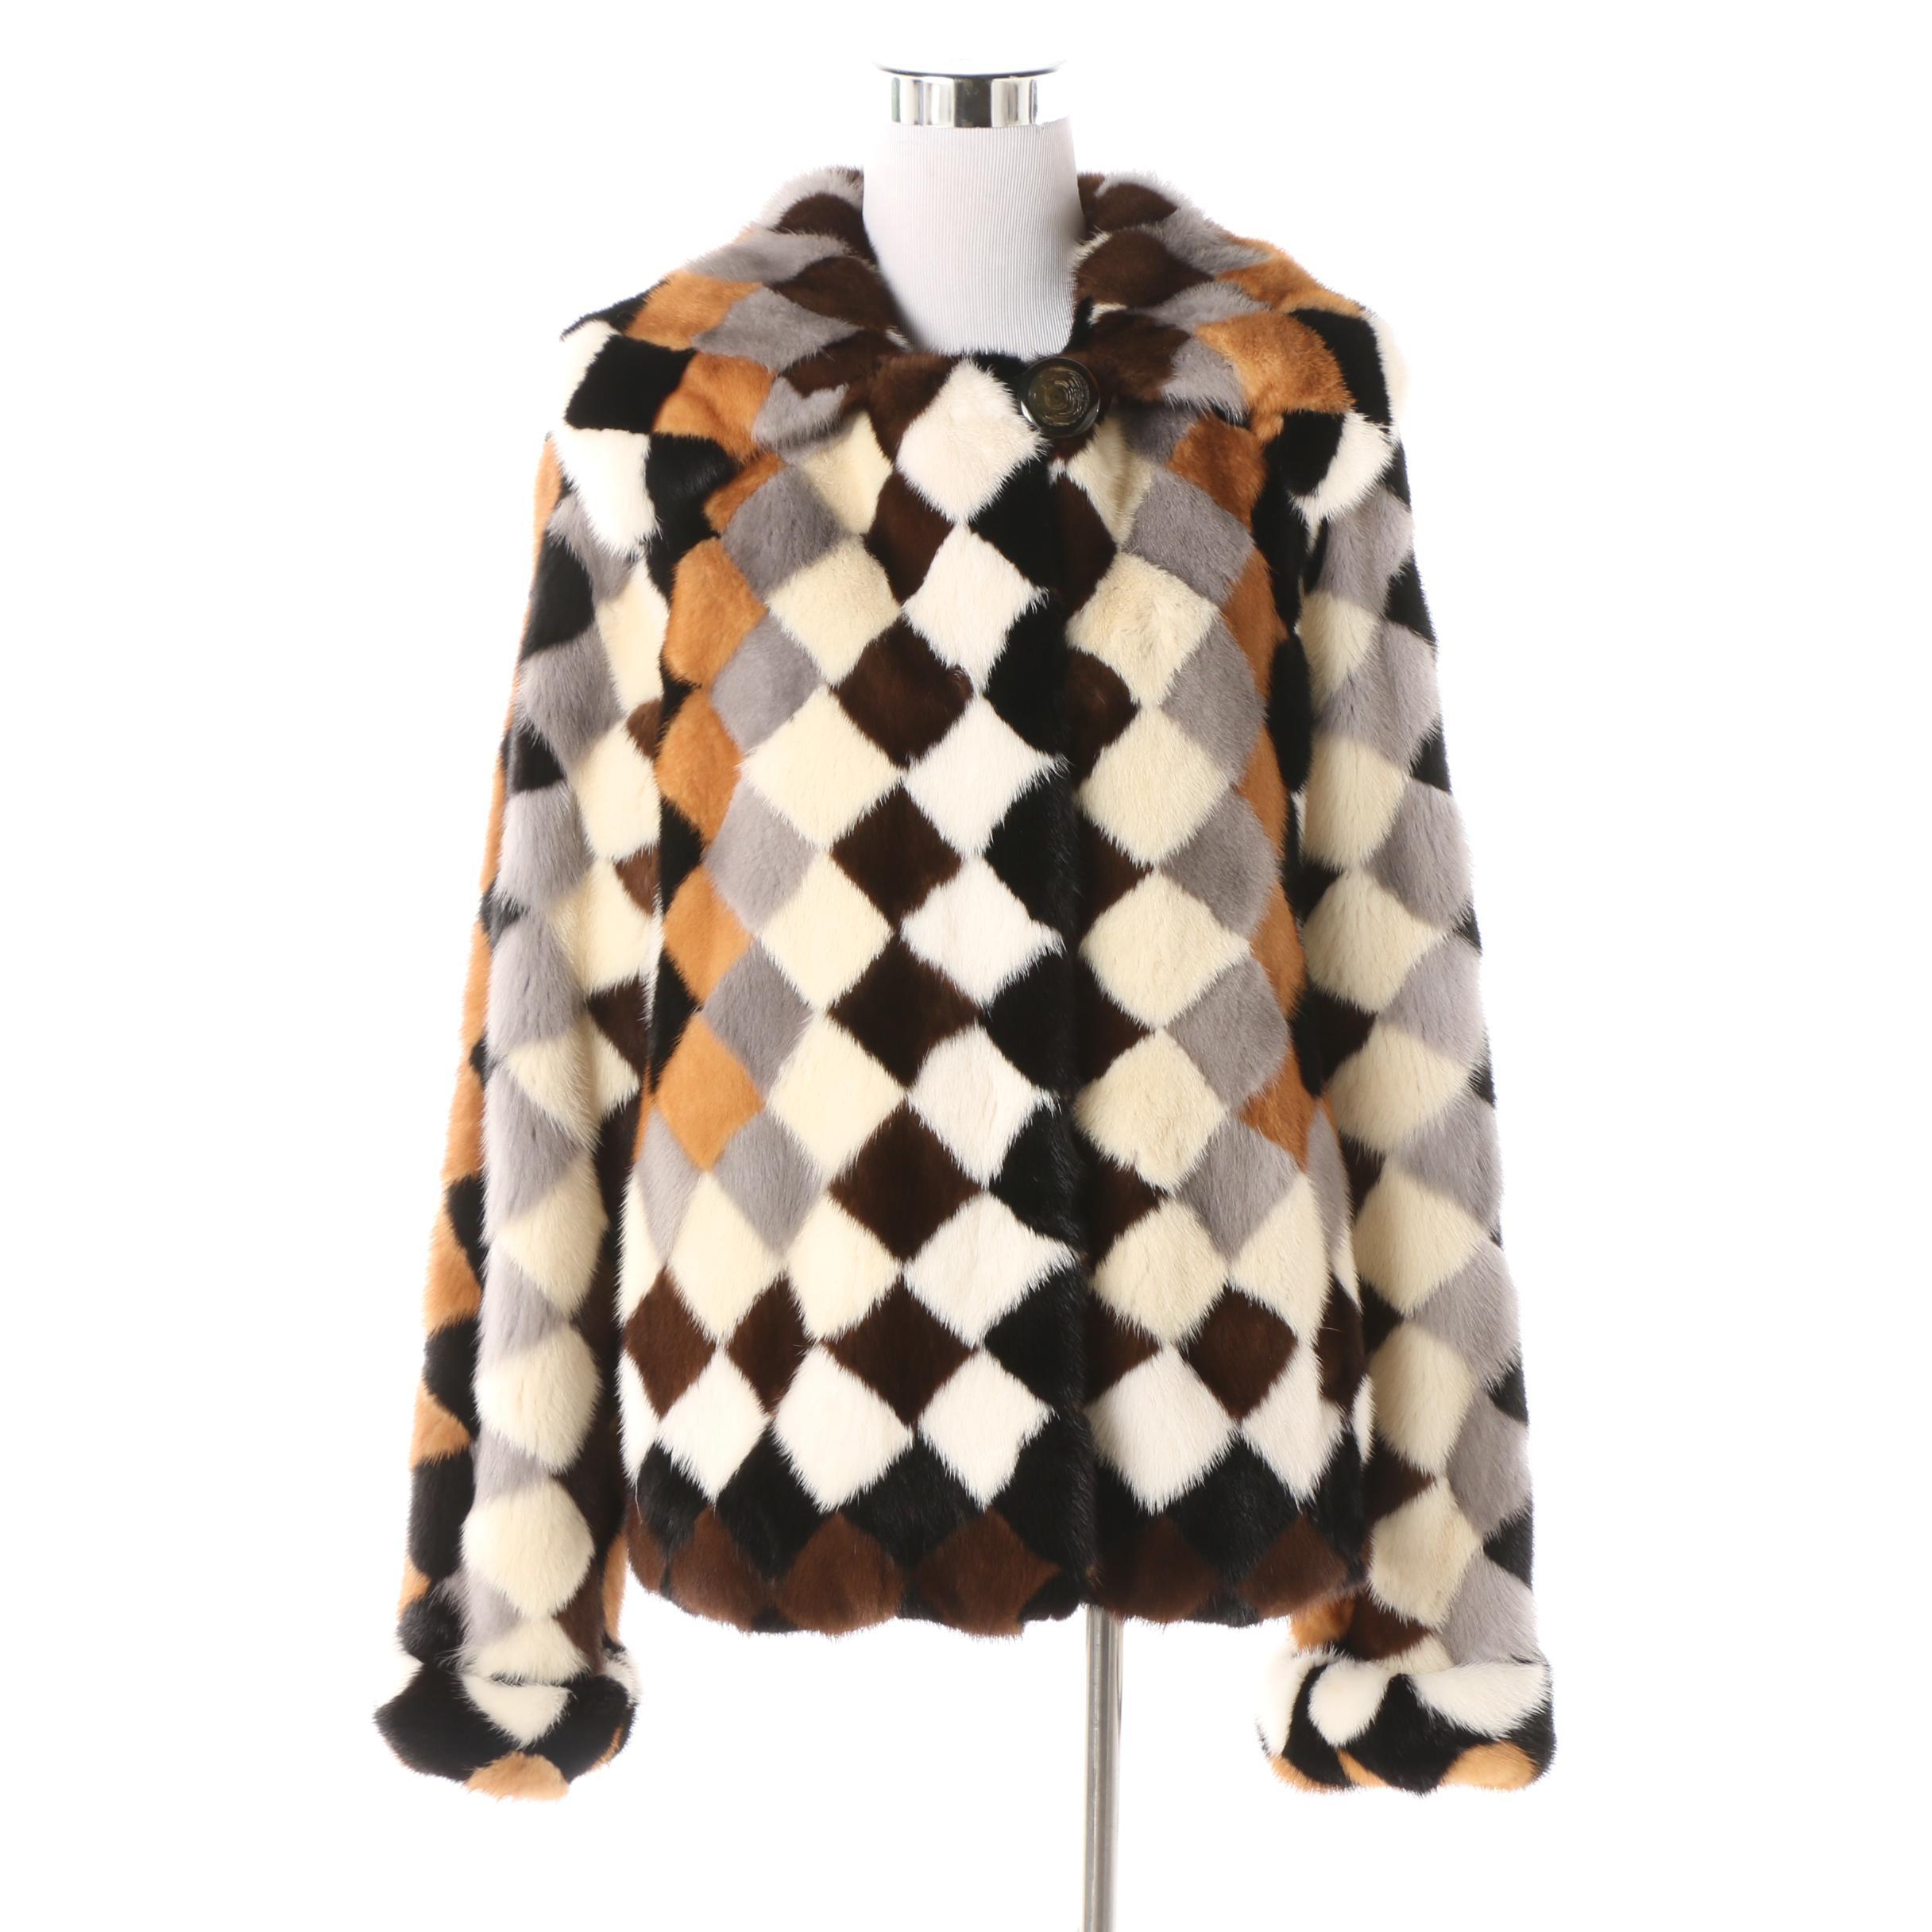 Women's Birger Christensen Dyed Mink Fur Harlequin Pattern Jacket